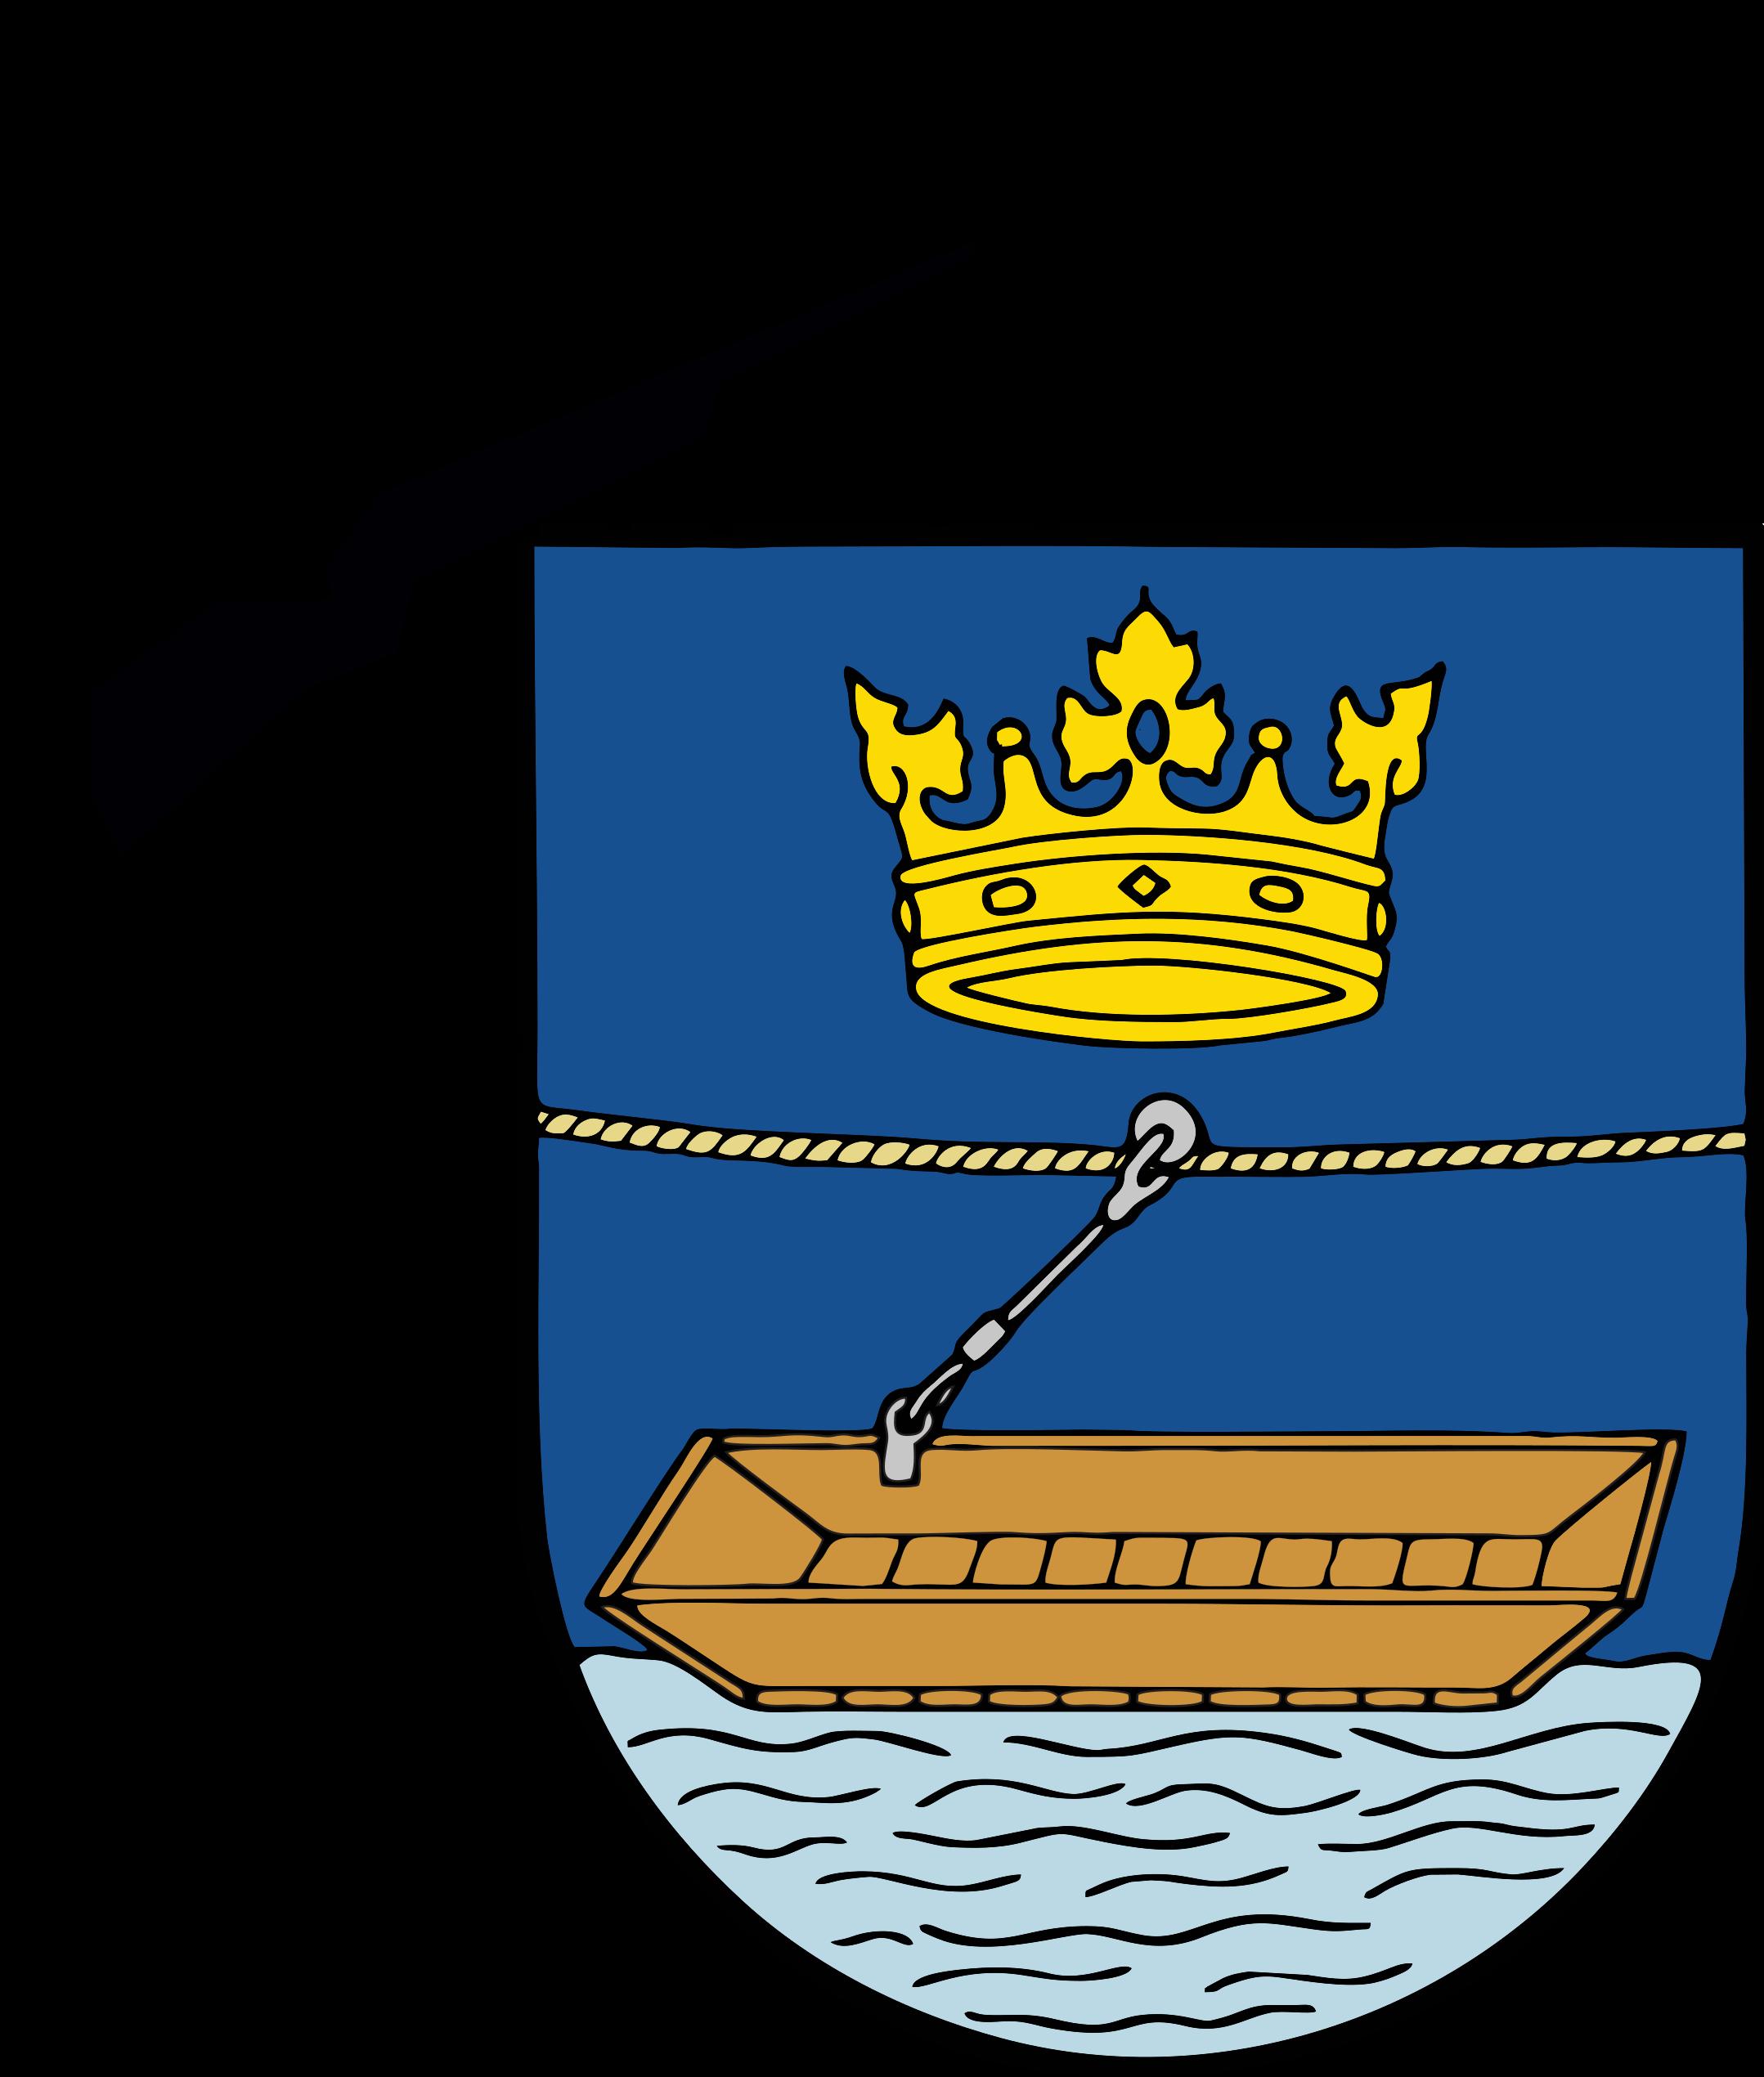 Schützenverein Leeseringen